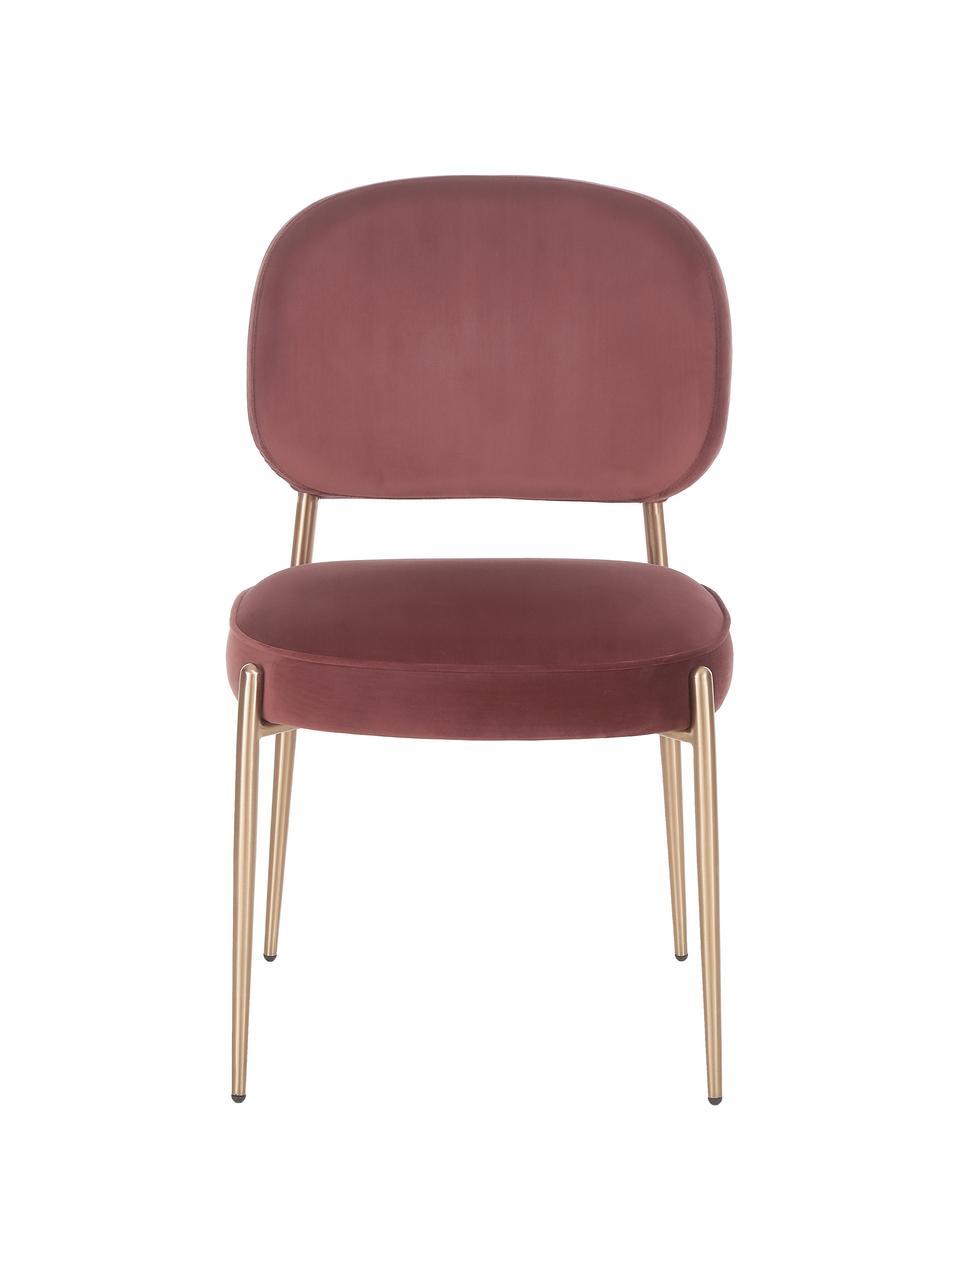 Krzesło tapicerowane z aksamitu Viggo, Tapicerka: aksamit (poliester) Dzięk, Aksamitny brązowy, S 49 x G 66 cm